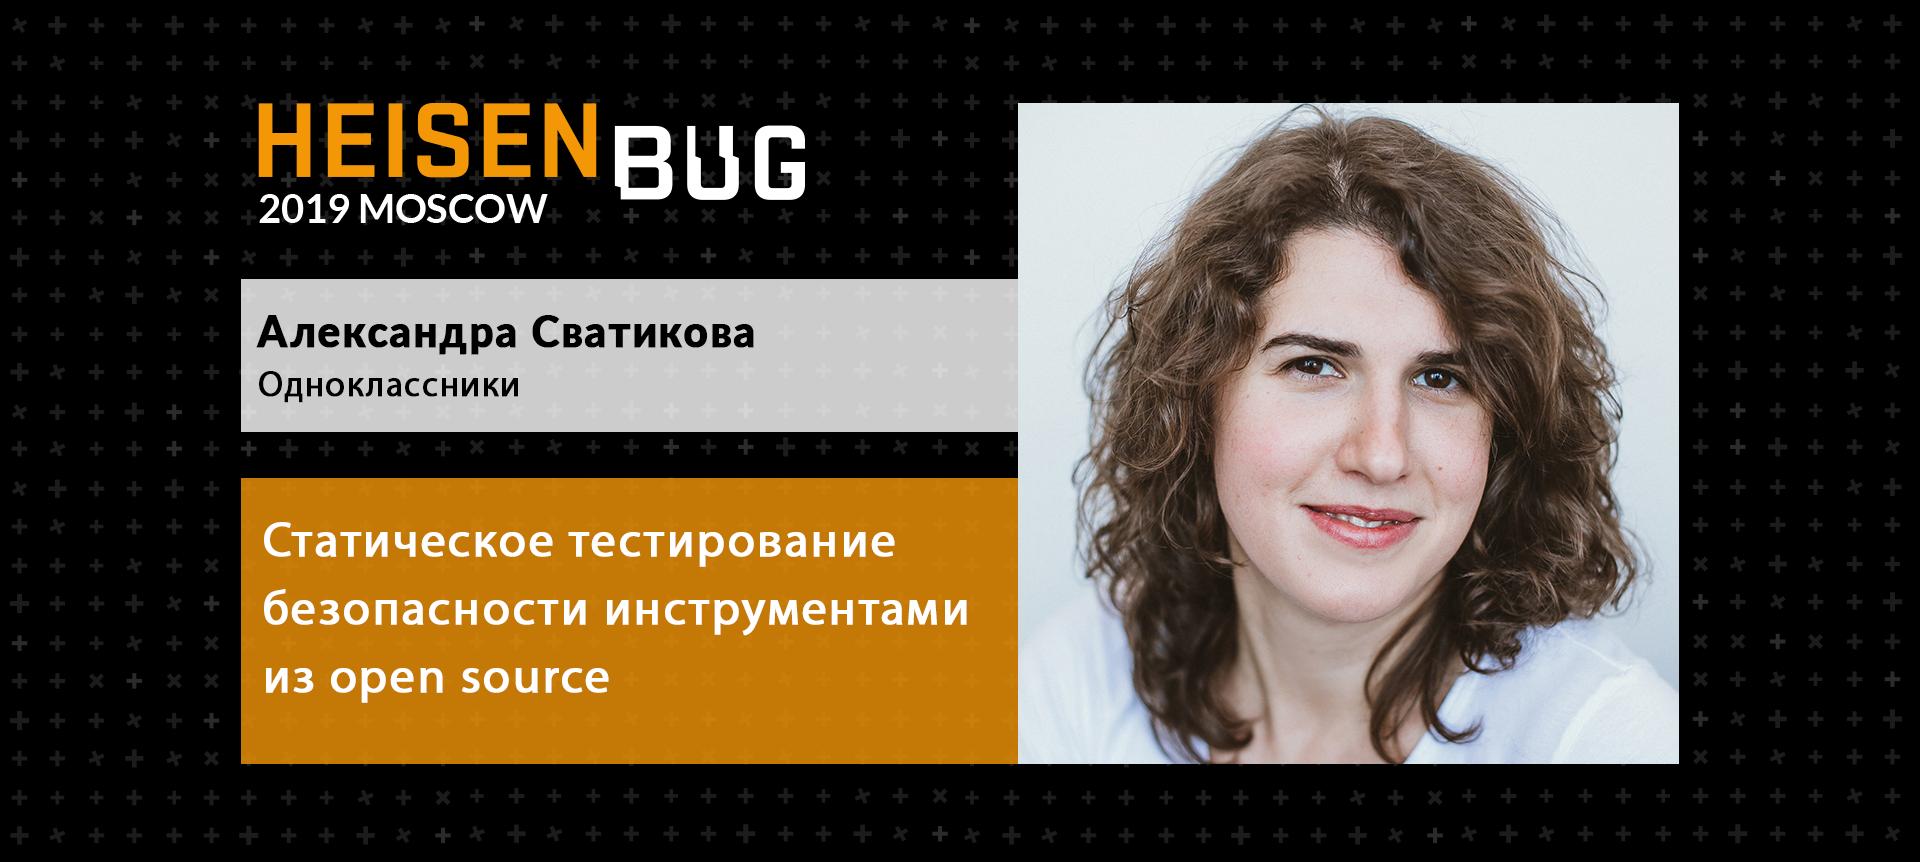 Могут ли автотесты заменить человека в поиске уязвимостей: интервью с Александрой Сватиковой